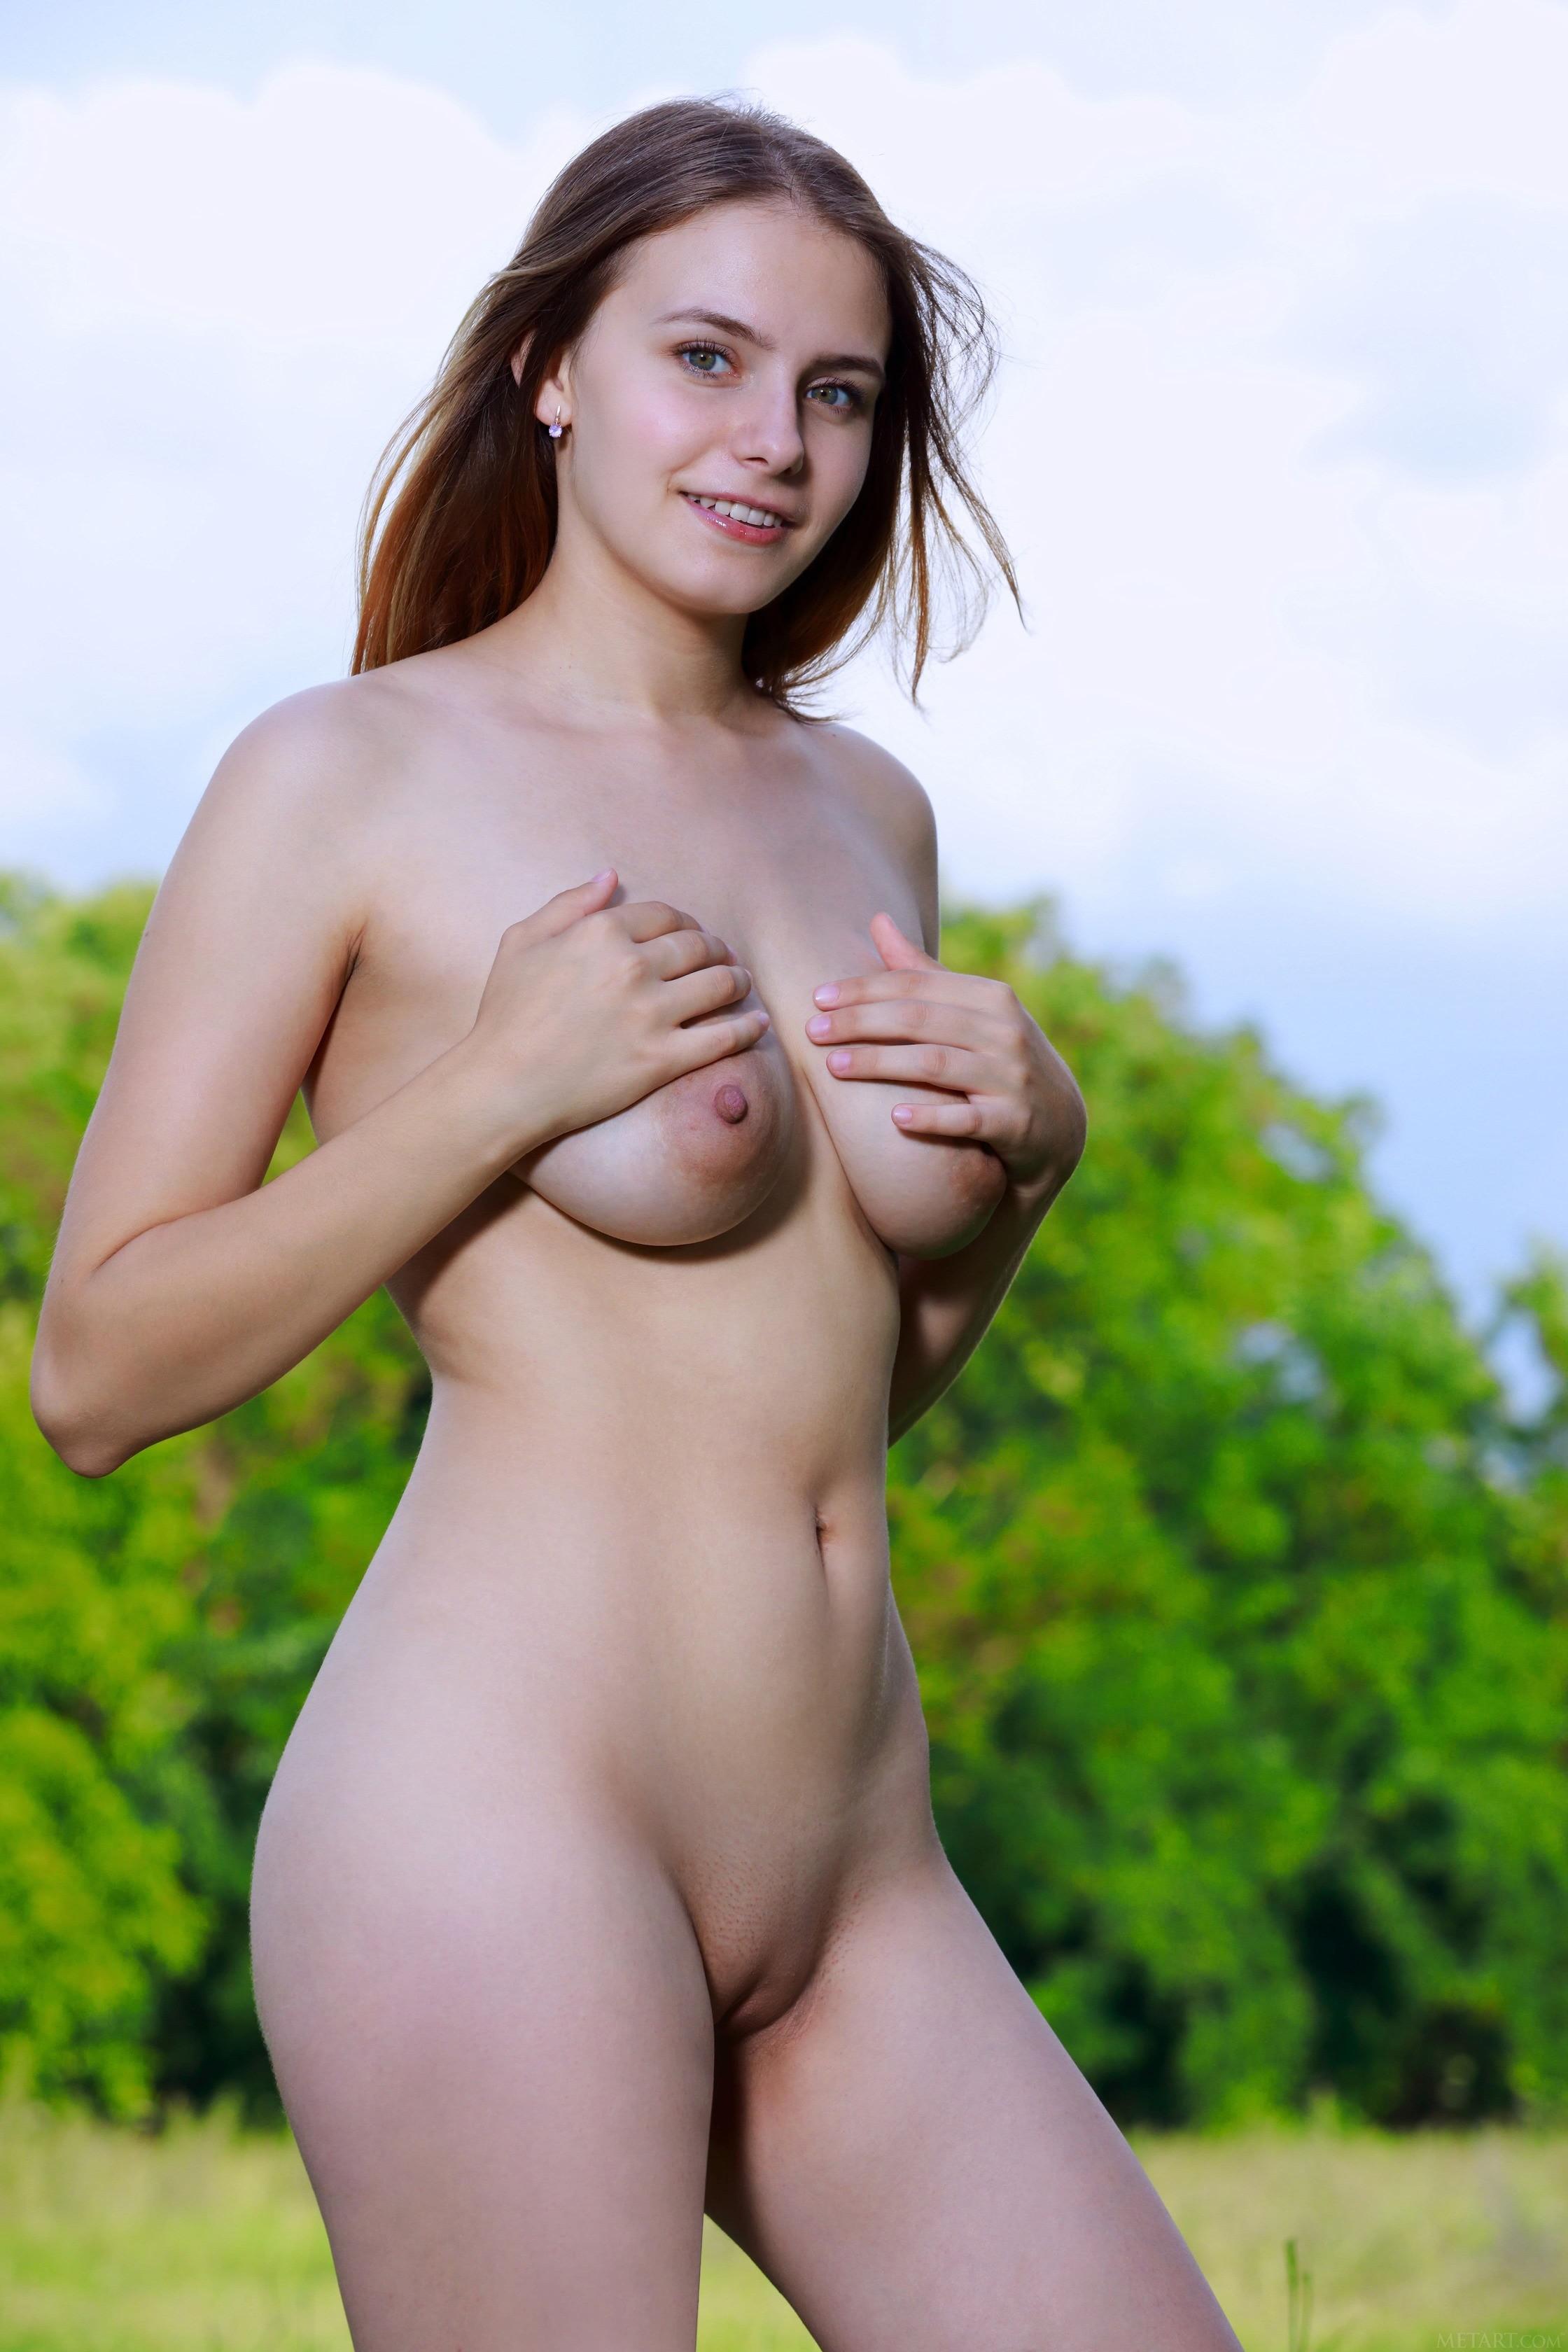 Голенькая молодая девушка на газоне - фото